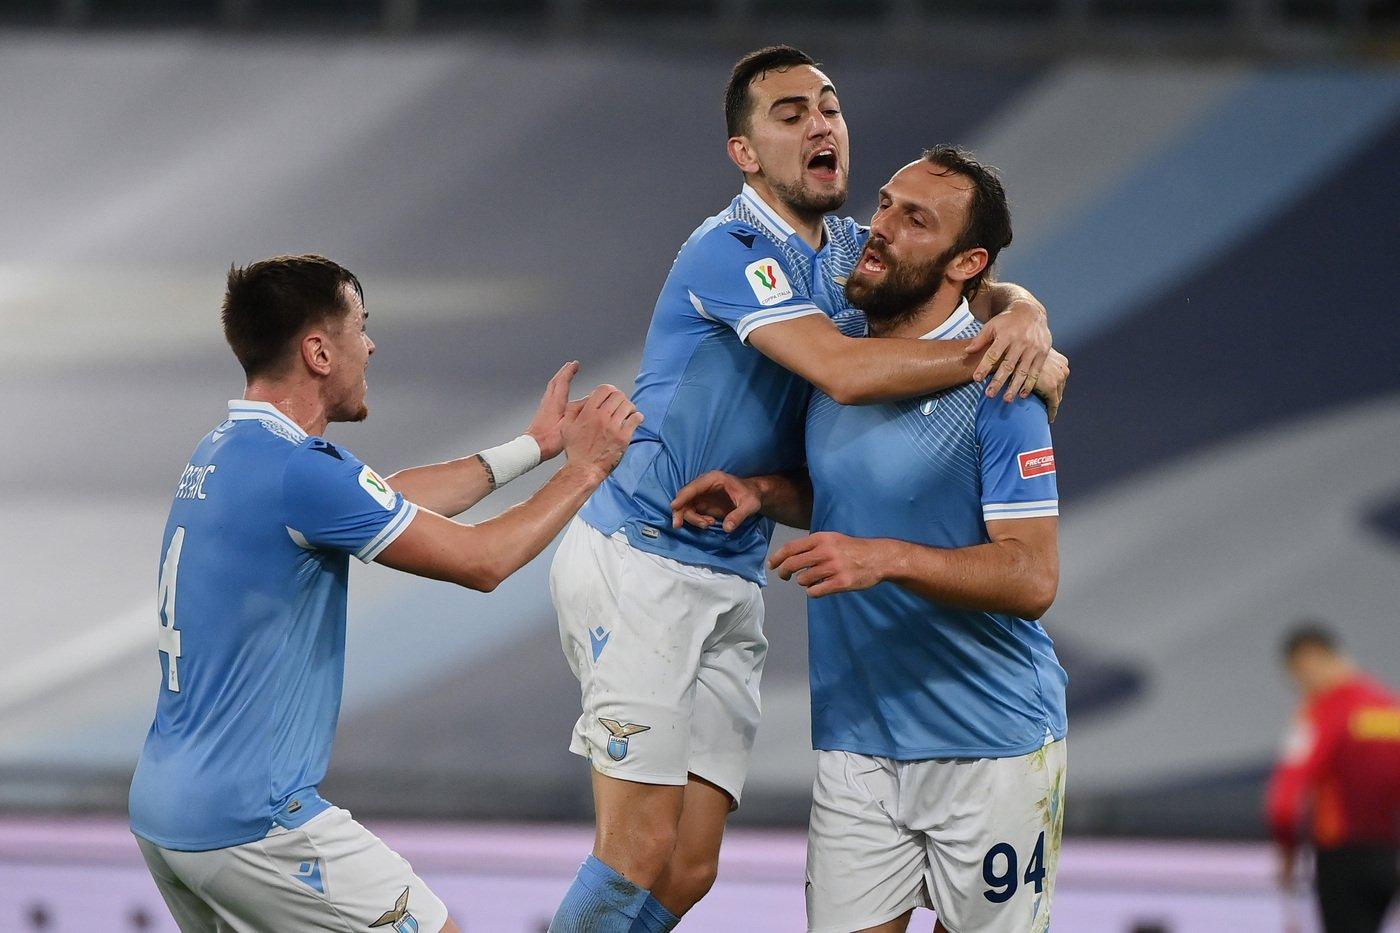 Coppa Italia, Lazio-Parma termina 2-1: i biancocelesti conquistano i quarti  di finale - Lazionews.eu